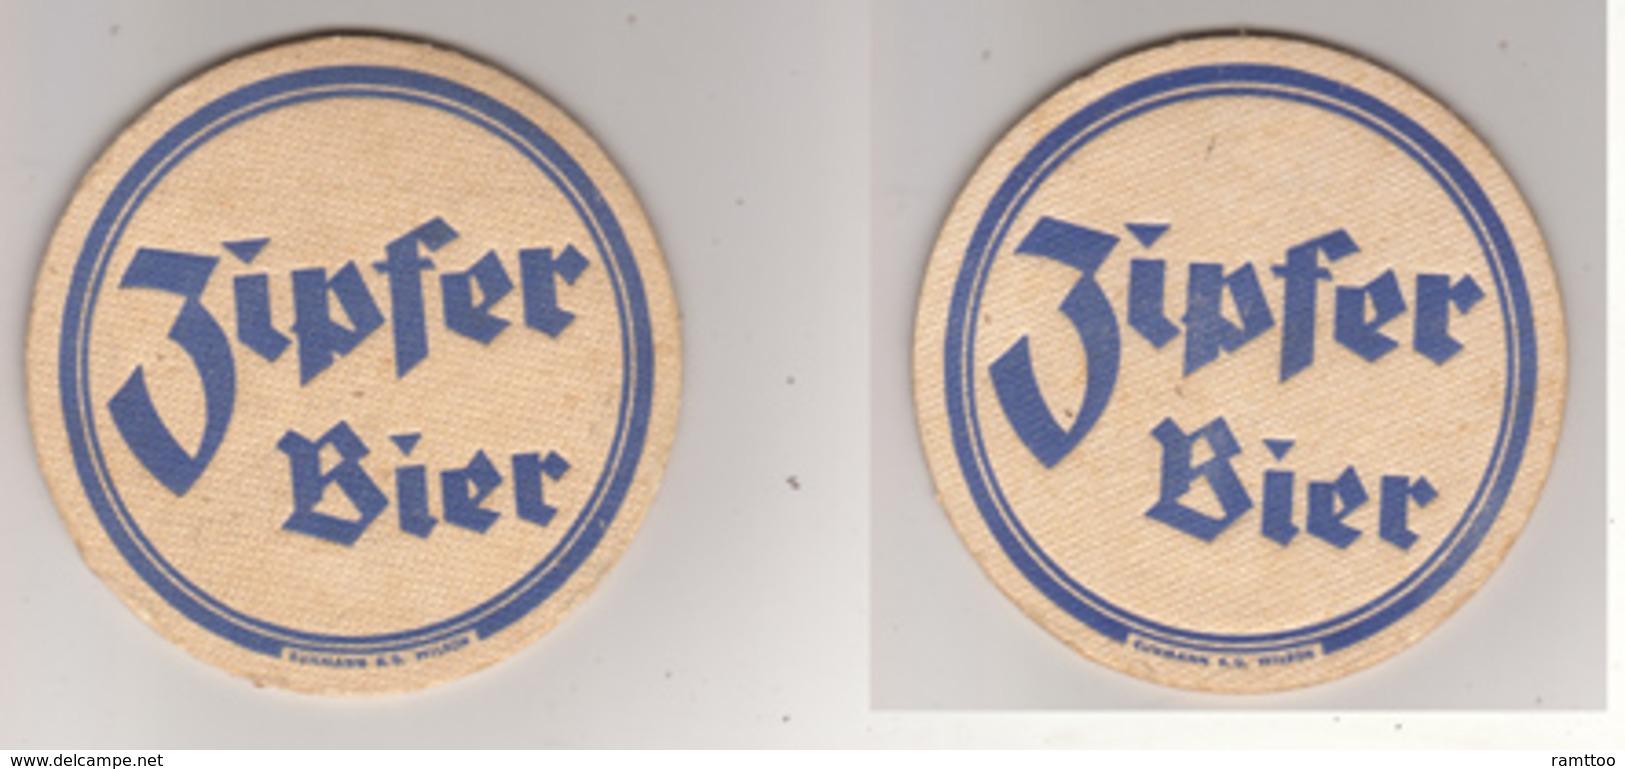 Zipfer Brauerei Österreich Bier ( Dm 8cm ) - Bierdeckel